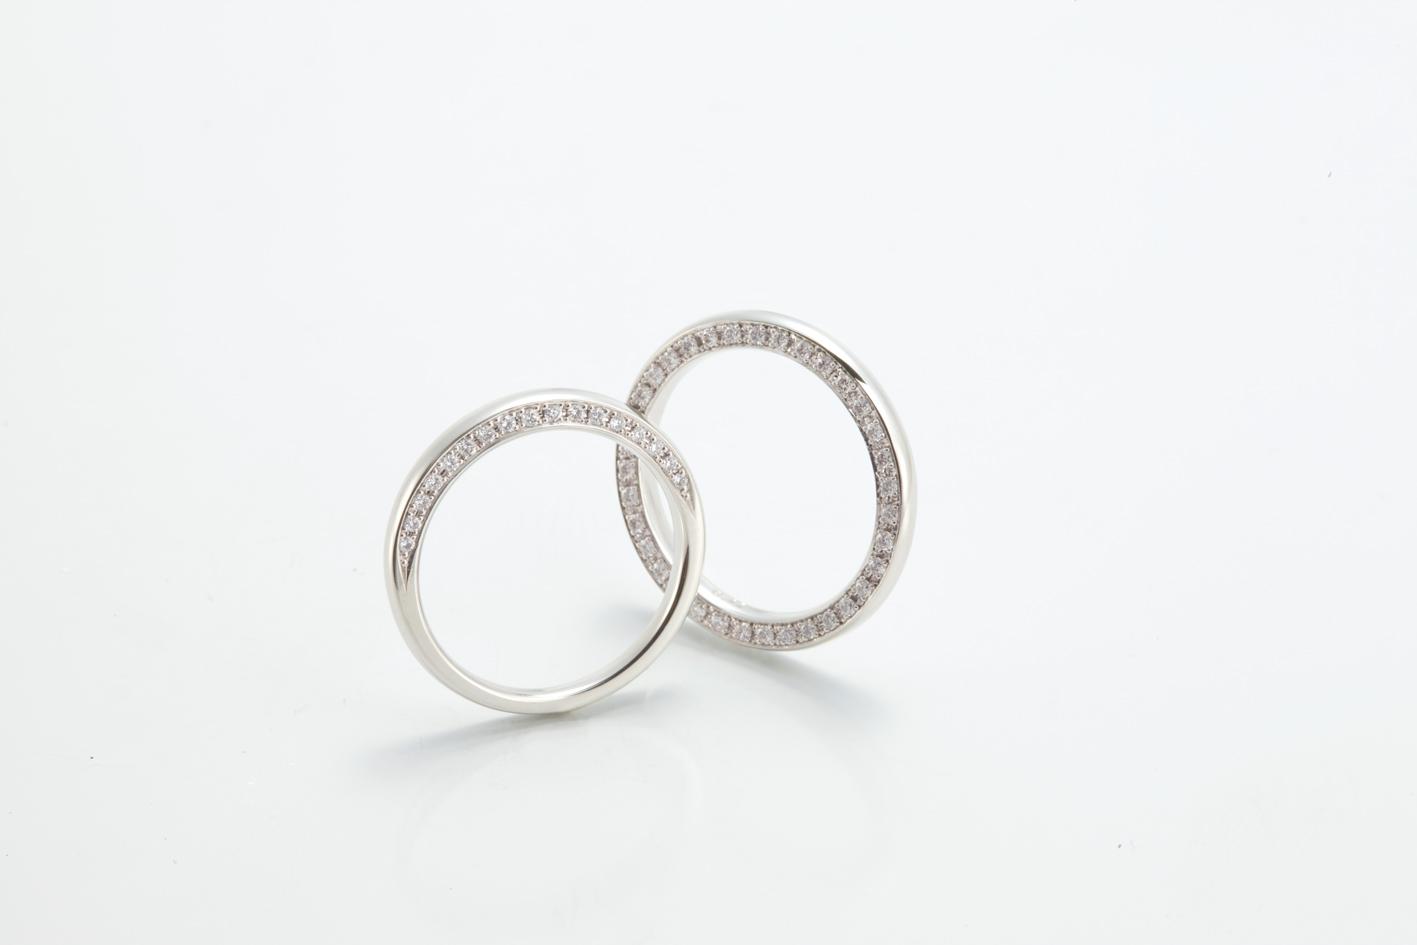 ポンテヴェキオの結婚指輪 ベルセグレート